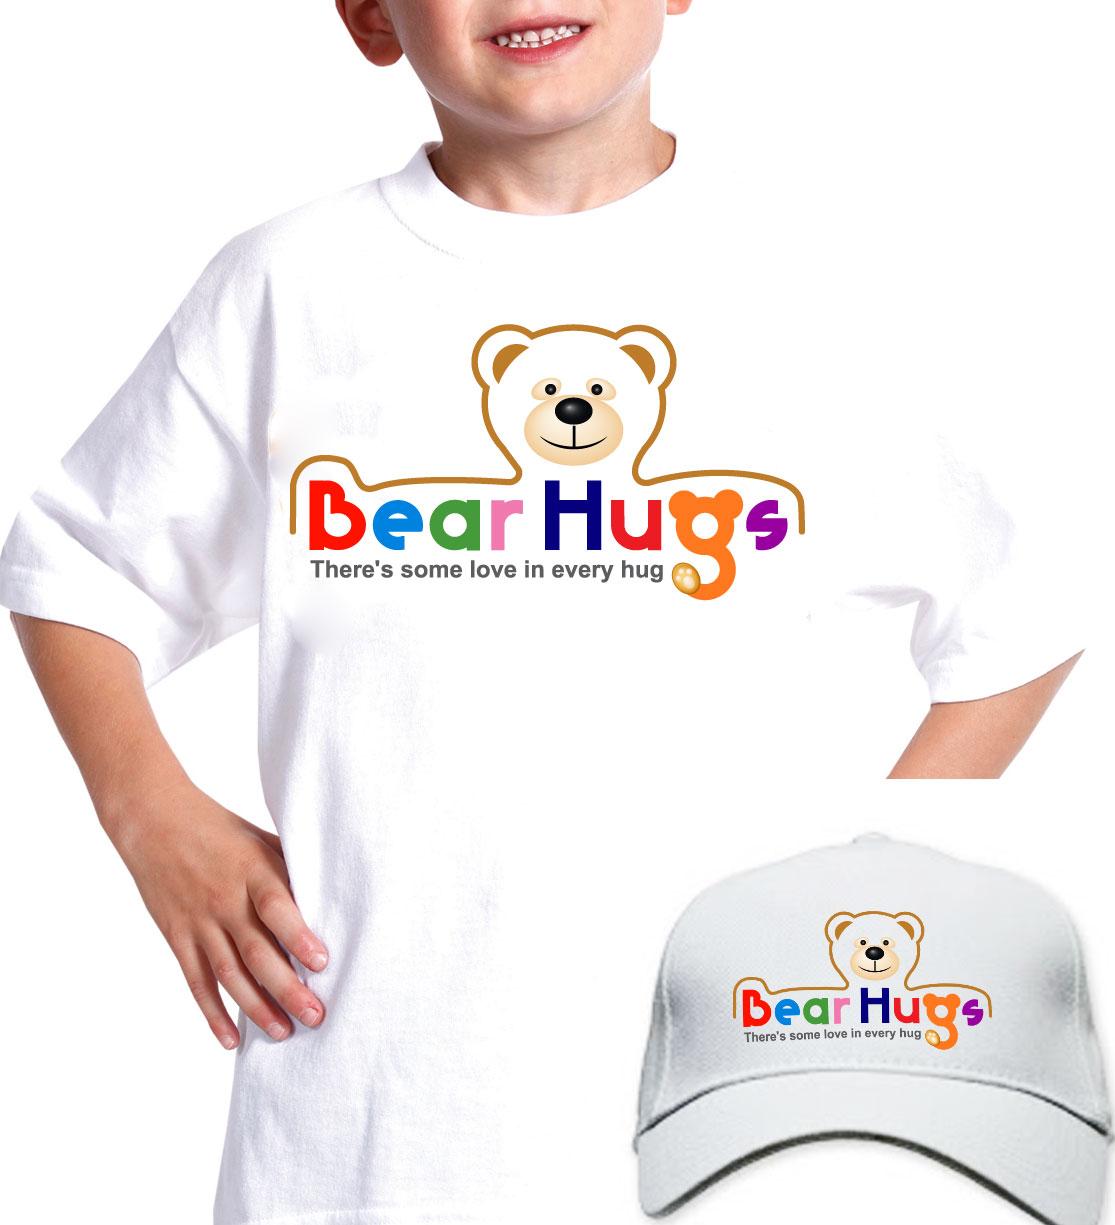 Logo Design by lagalag - Entry No. 51 in the Logo Design Contest Inspiring Logo Design for BearHugs.